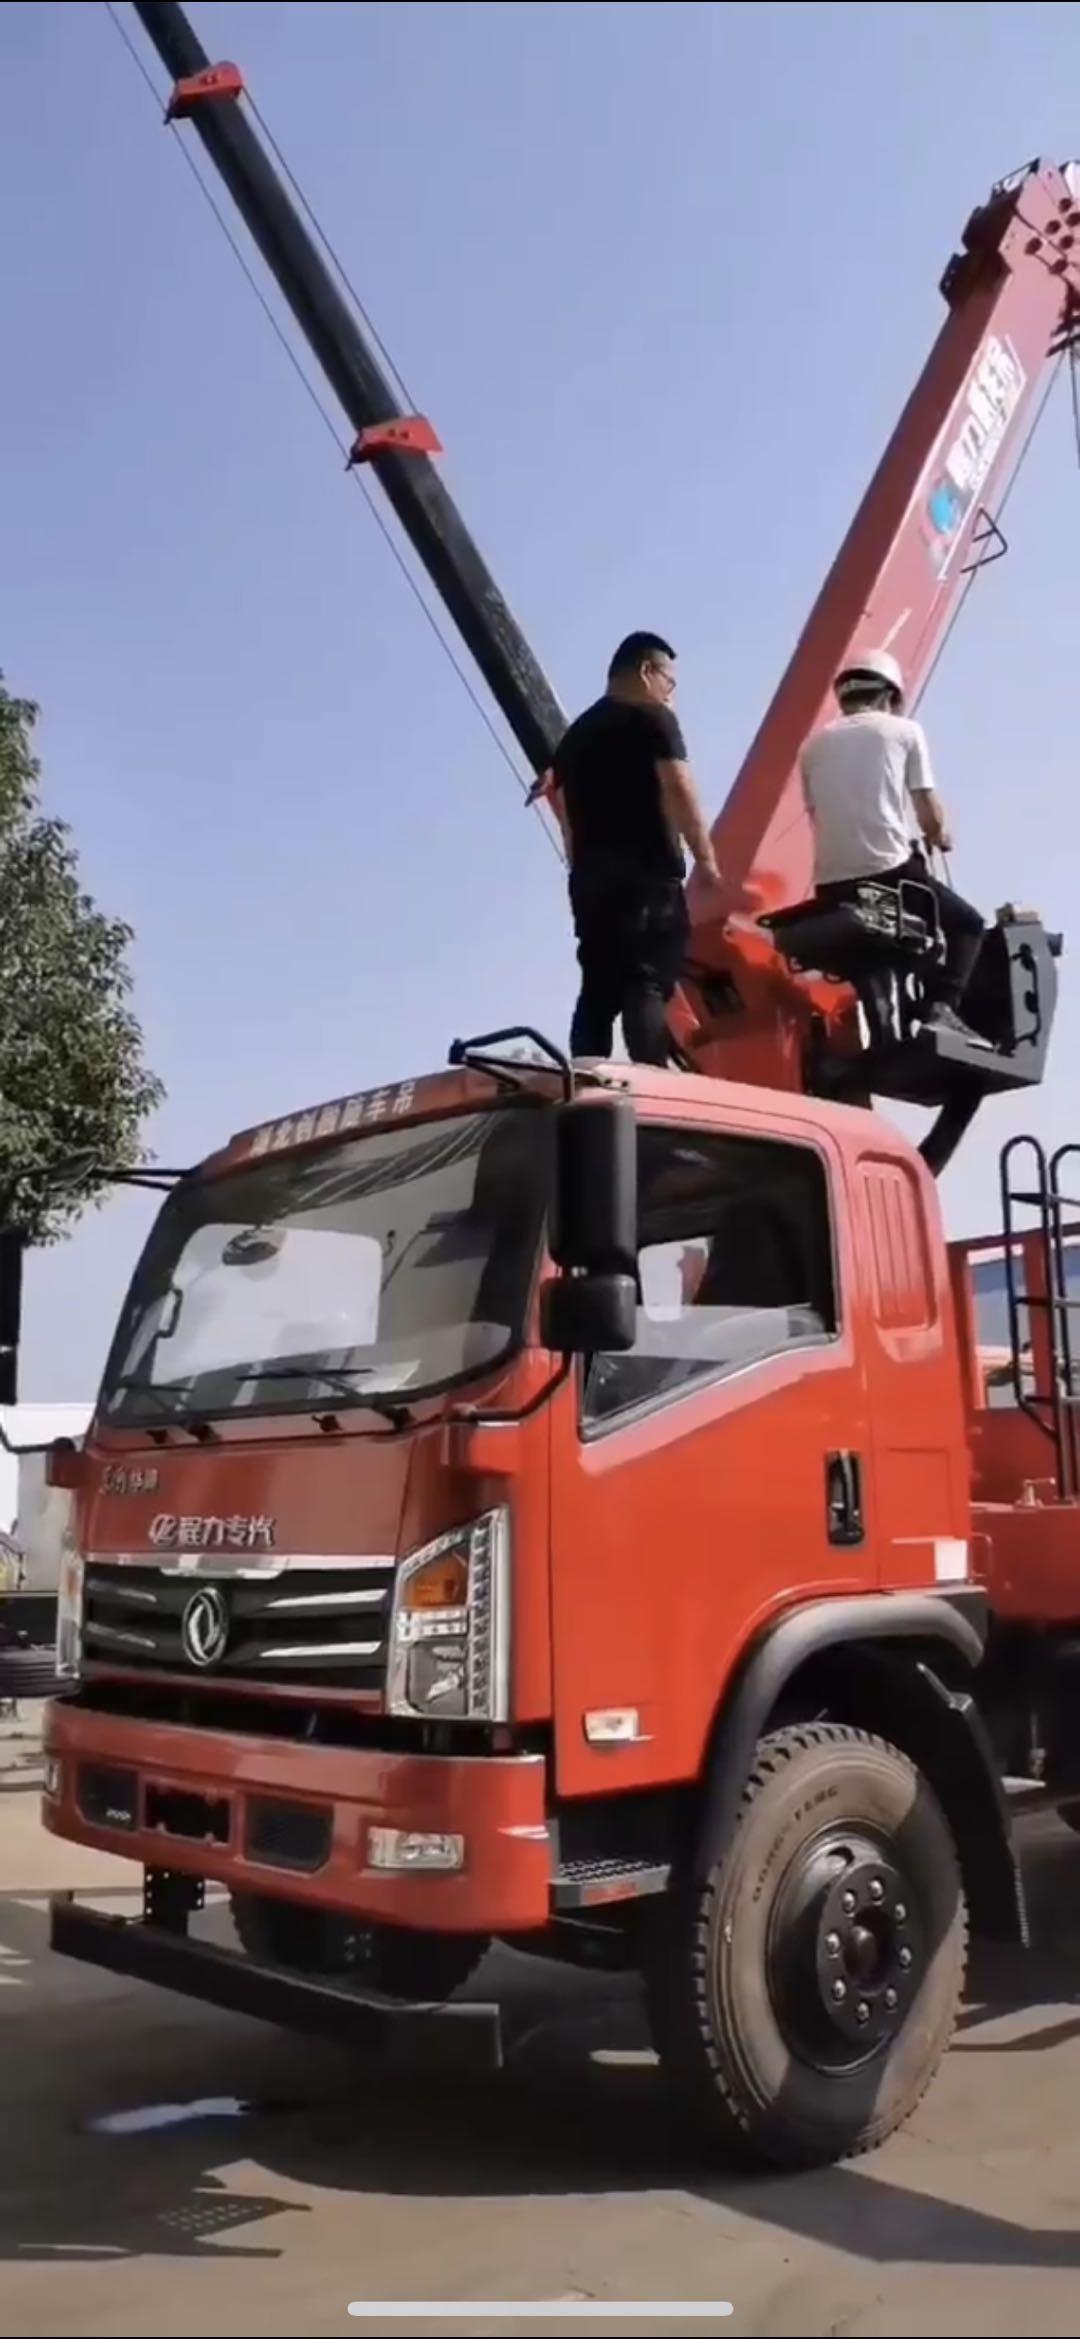 东风华神玉柴180马力上装程力威龙8吨4节臂吊视频